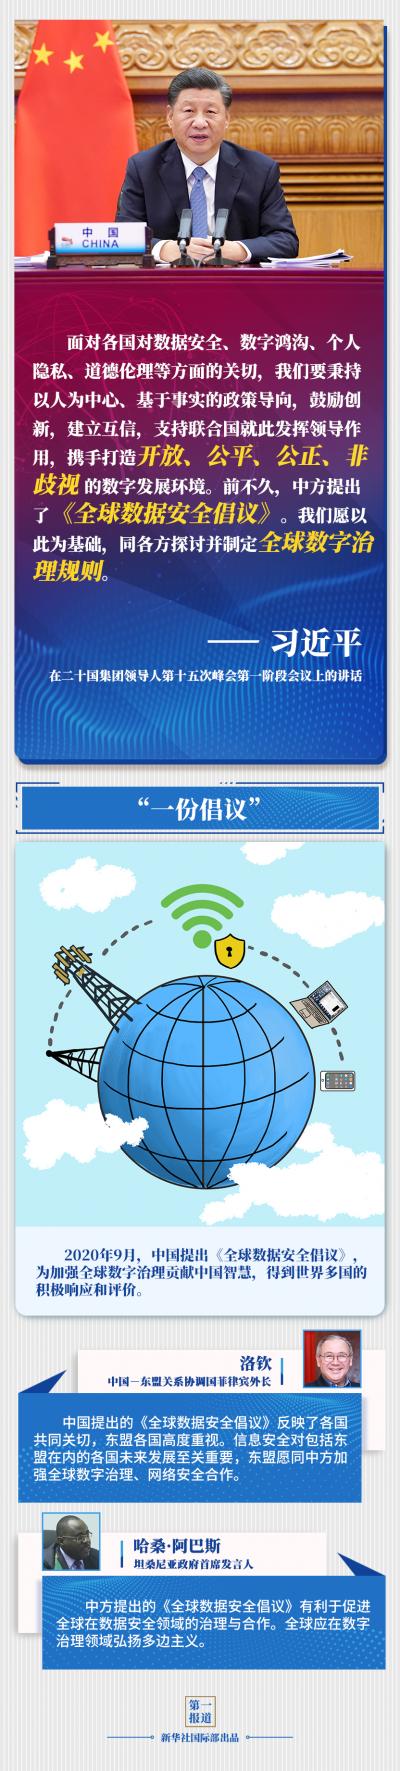 第一报道   中国的数字经济发展理念,让世界点赞